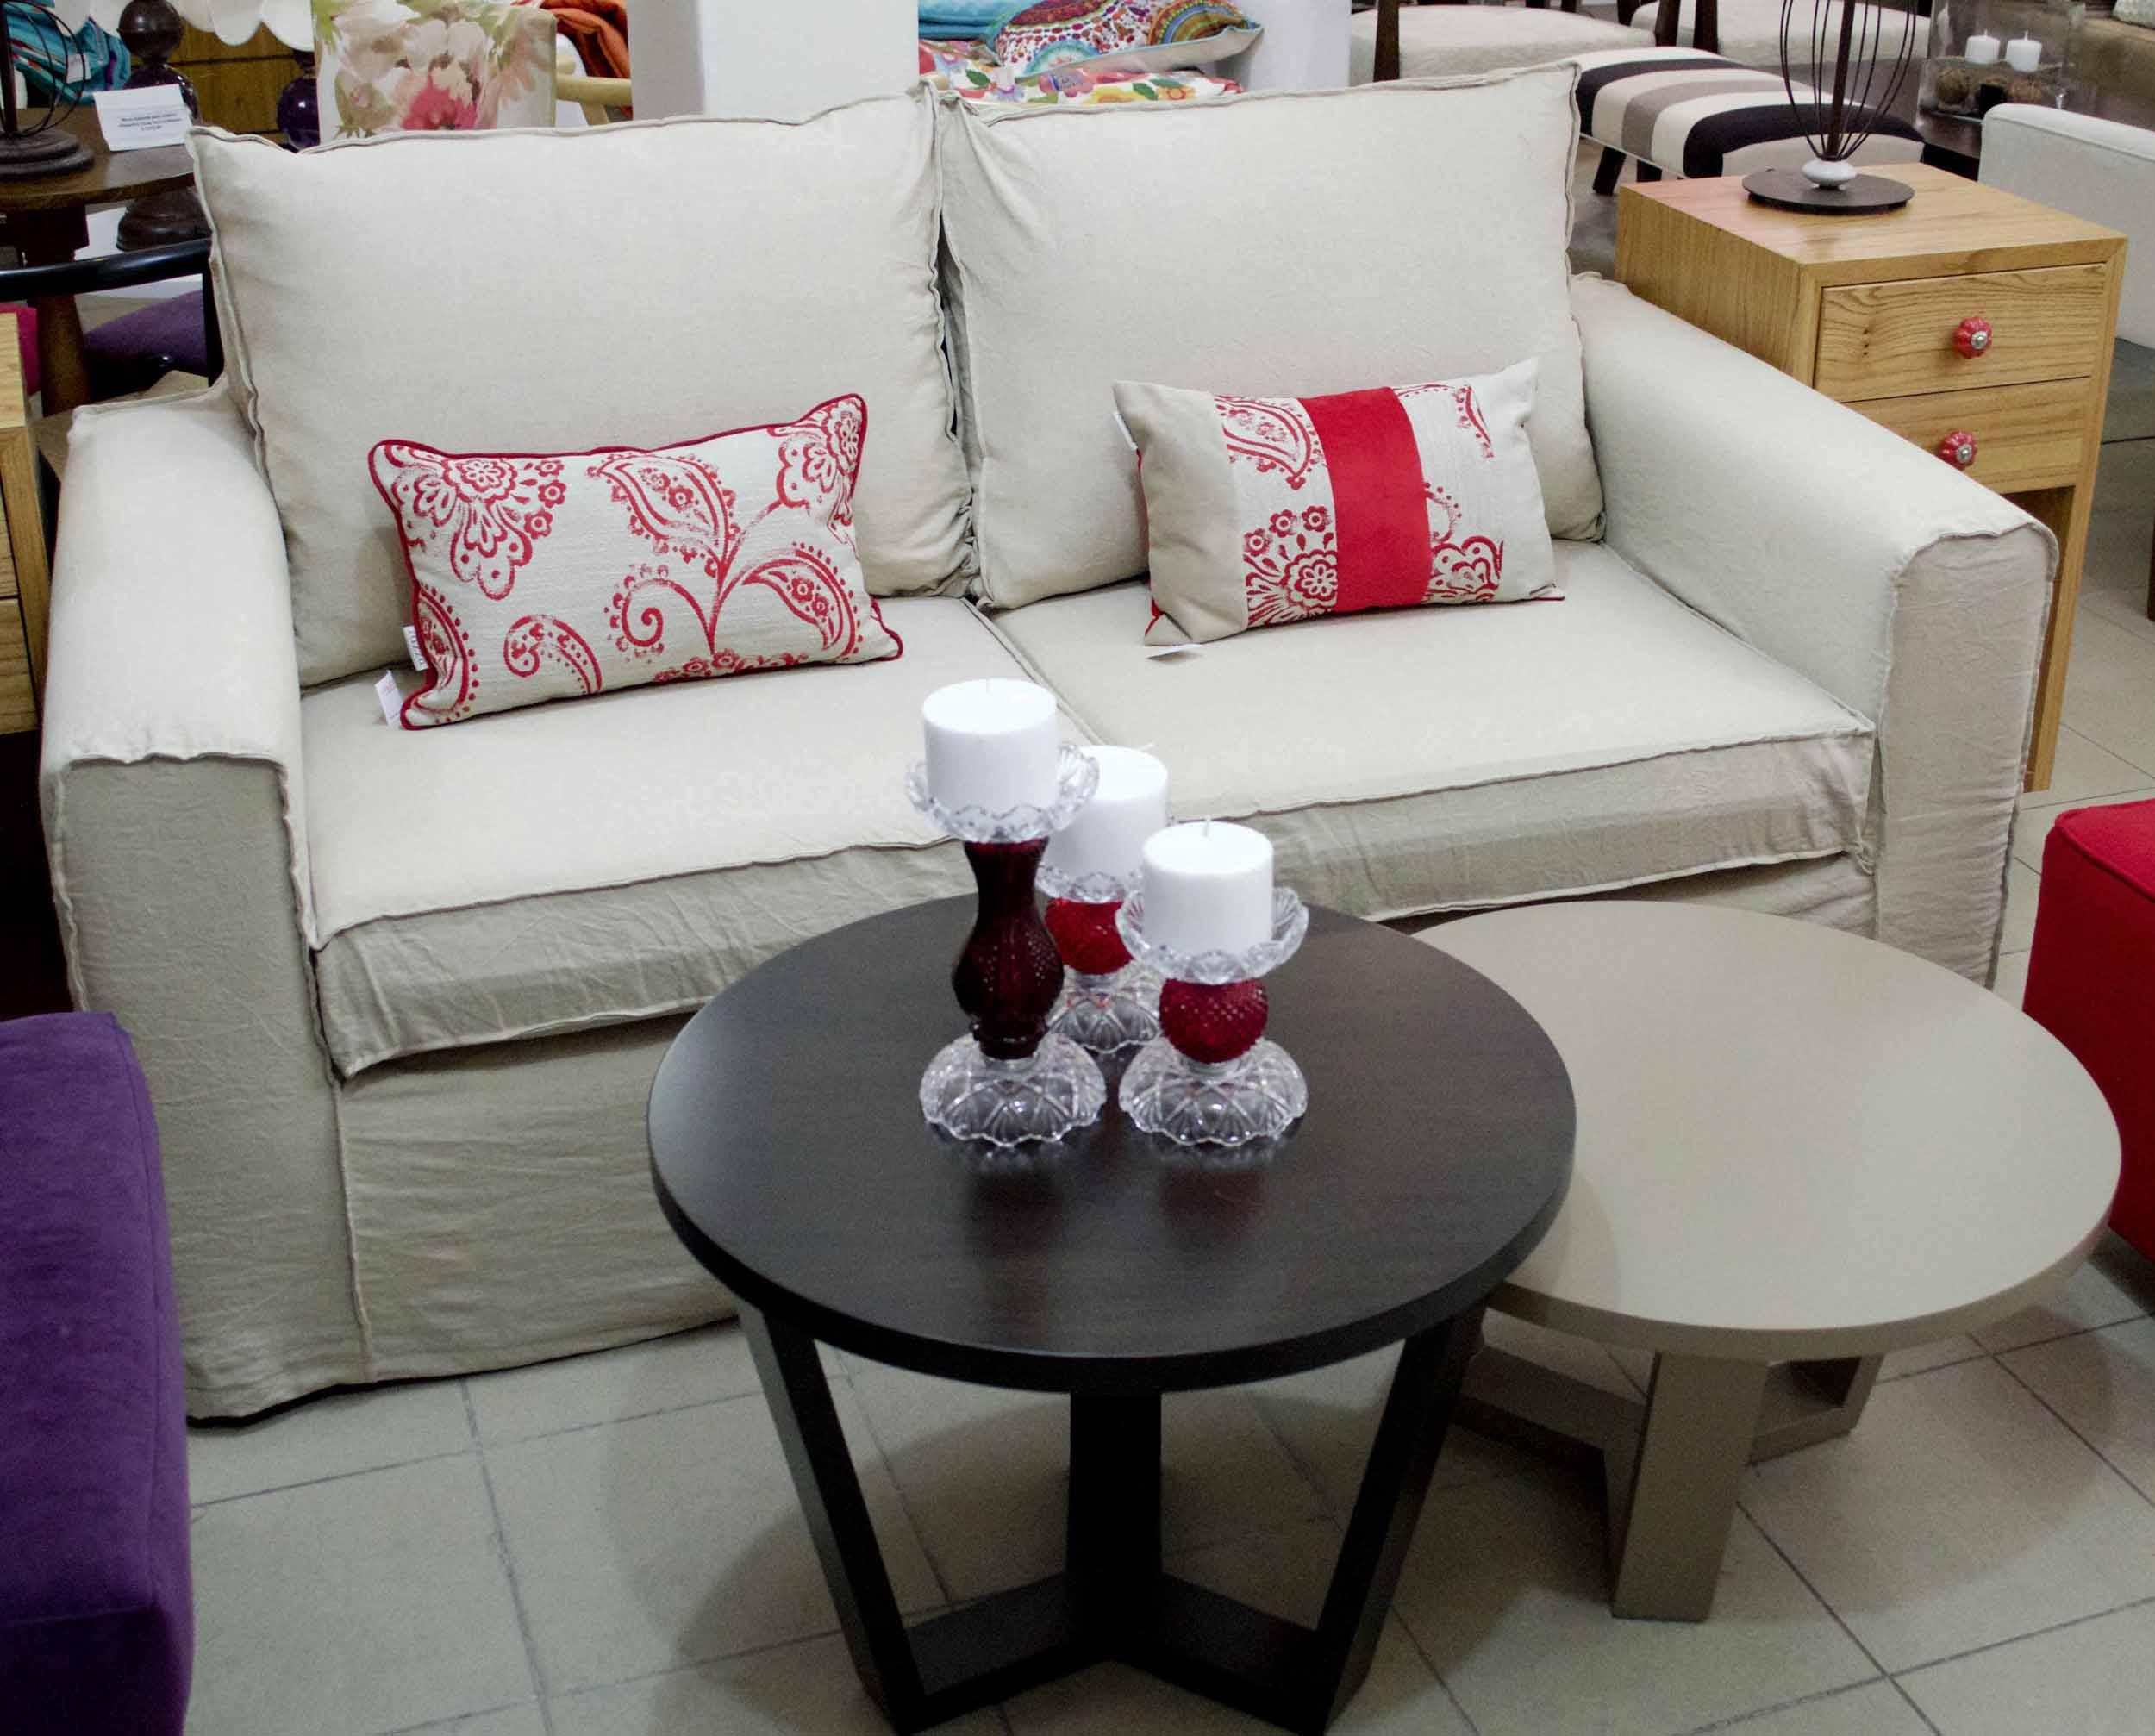 Sofa renata con funda en lino - Sillones con fundas ...